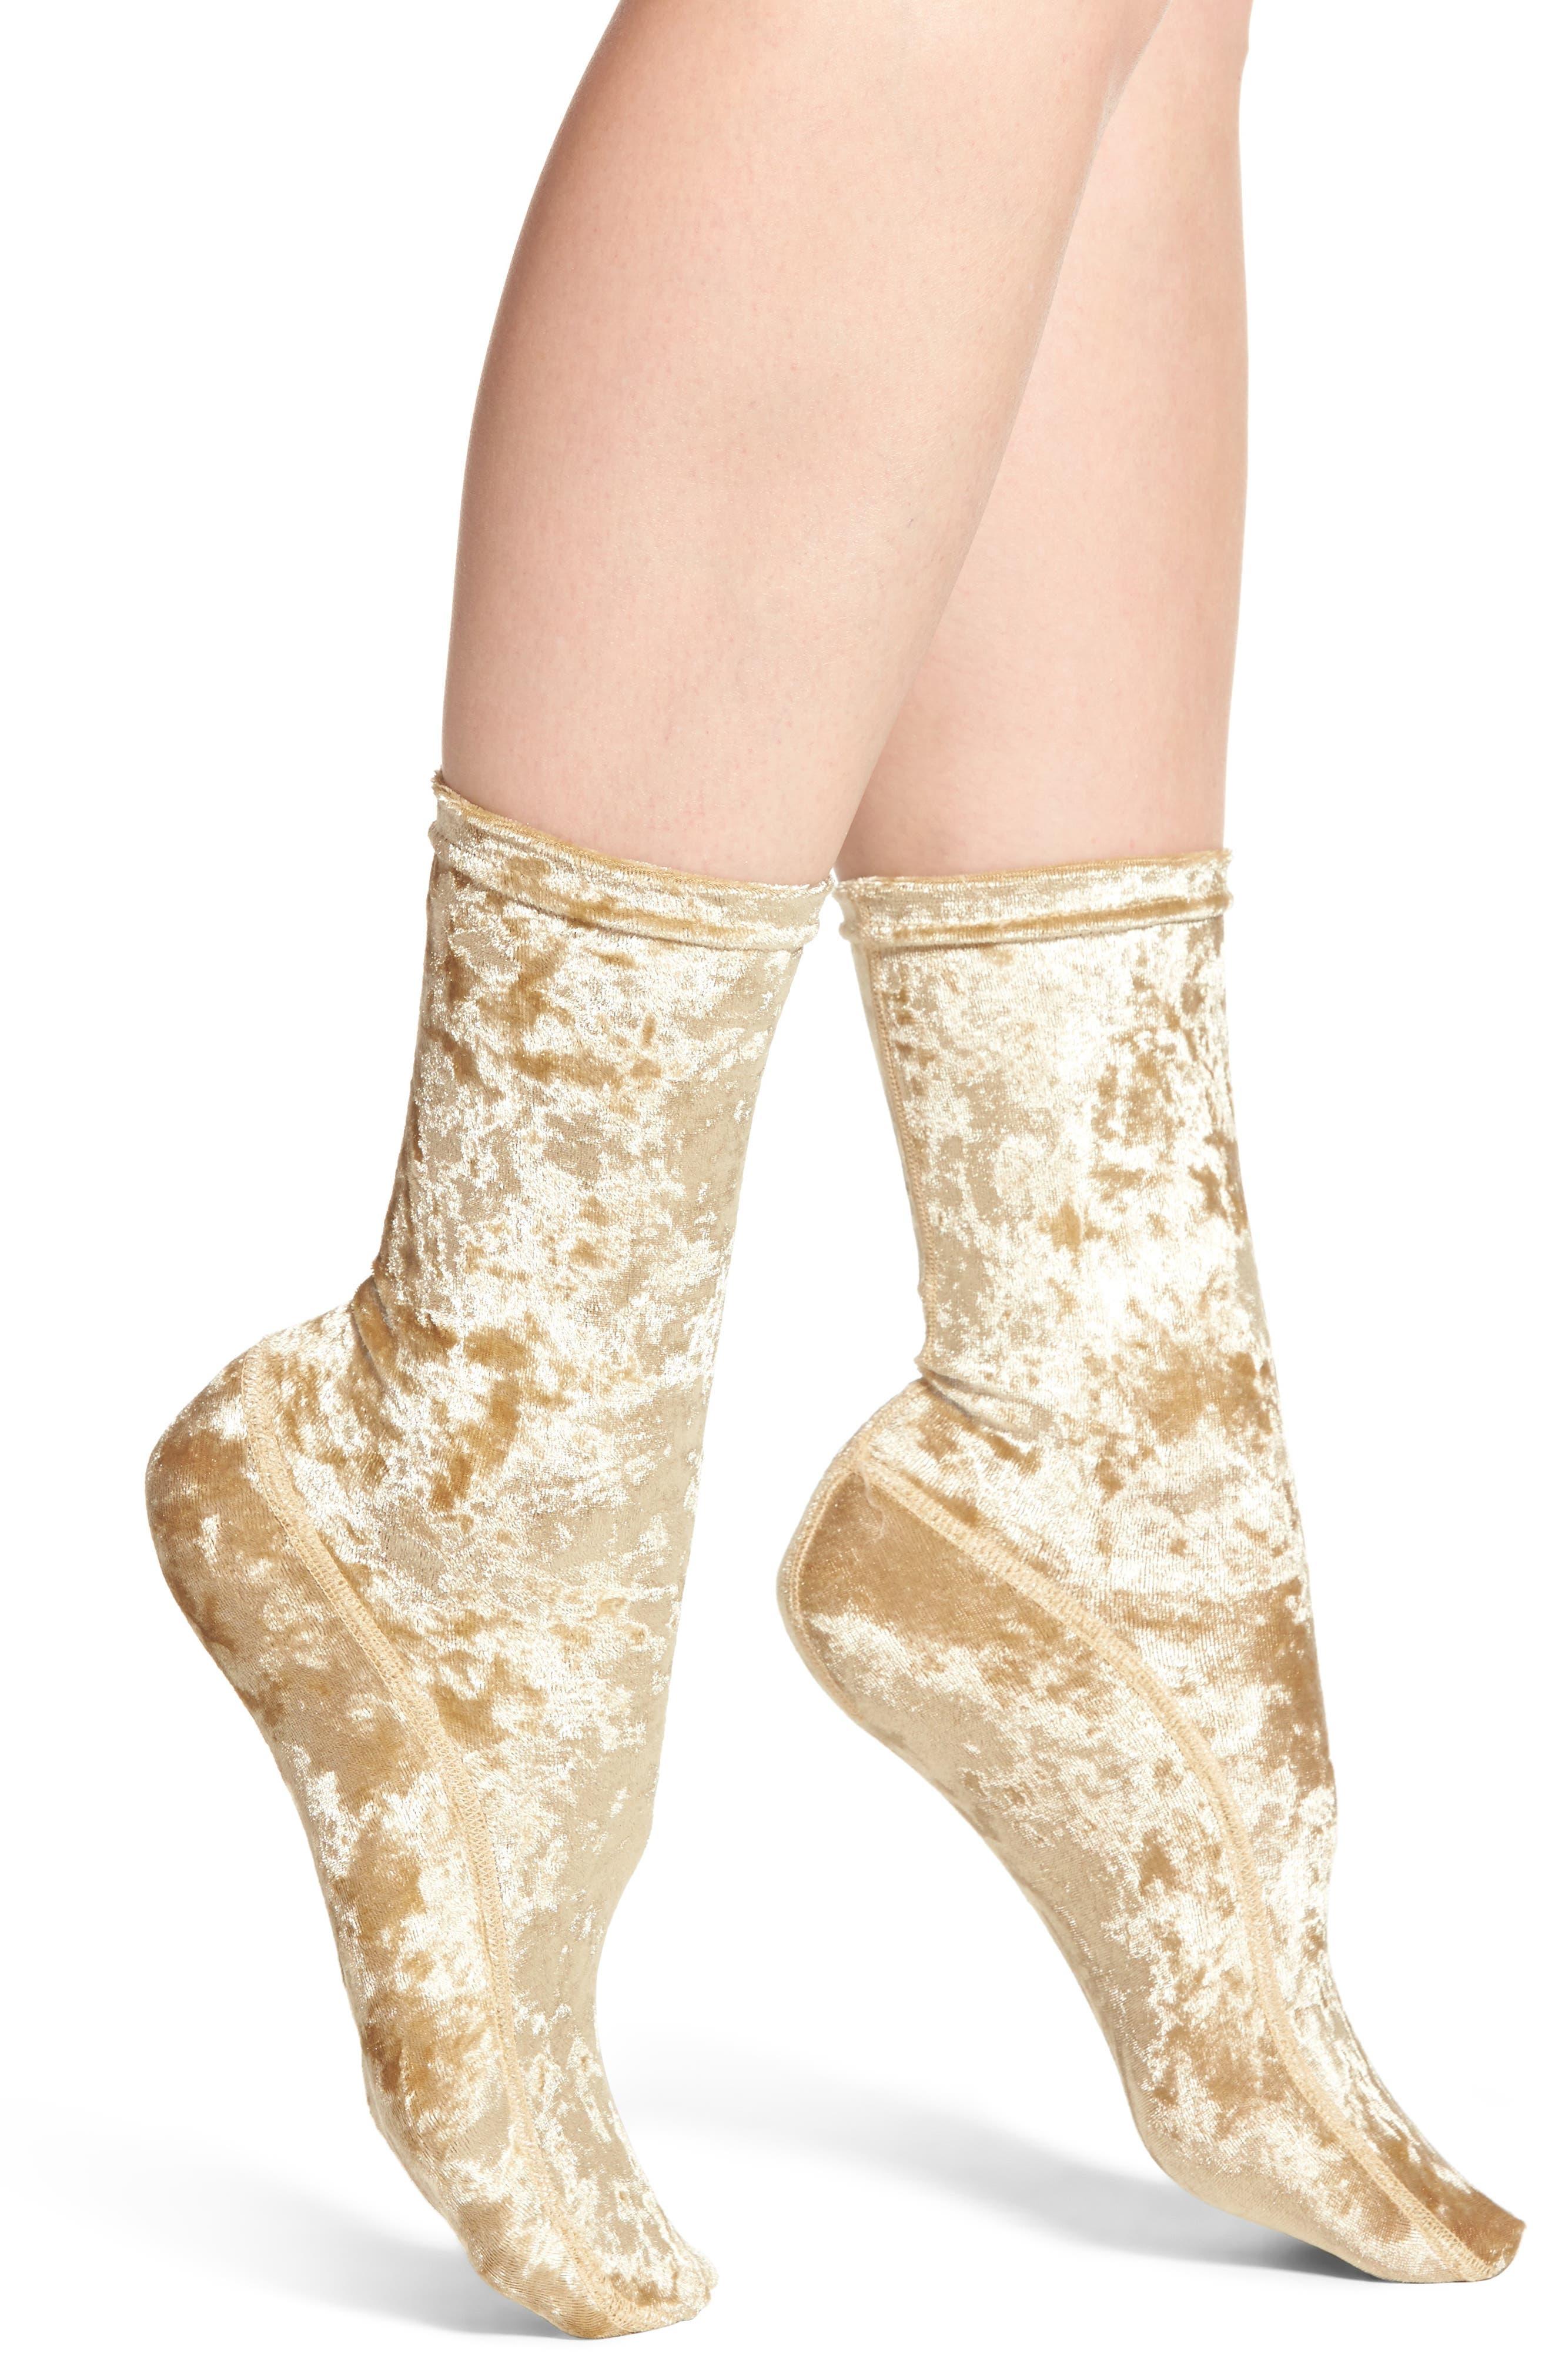 Nordstrom Crushed Velvet Trouser Socks